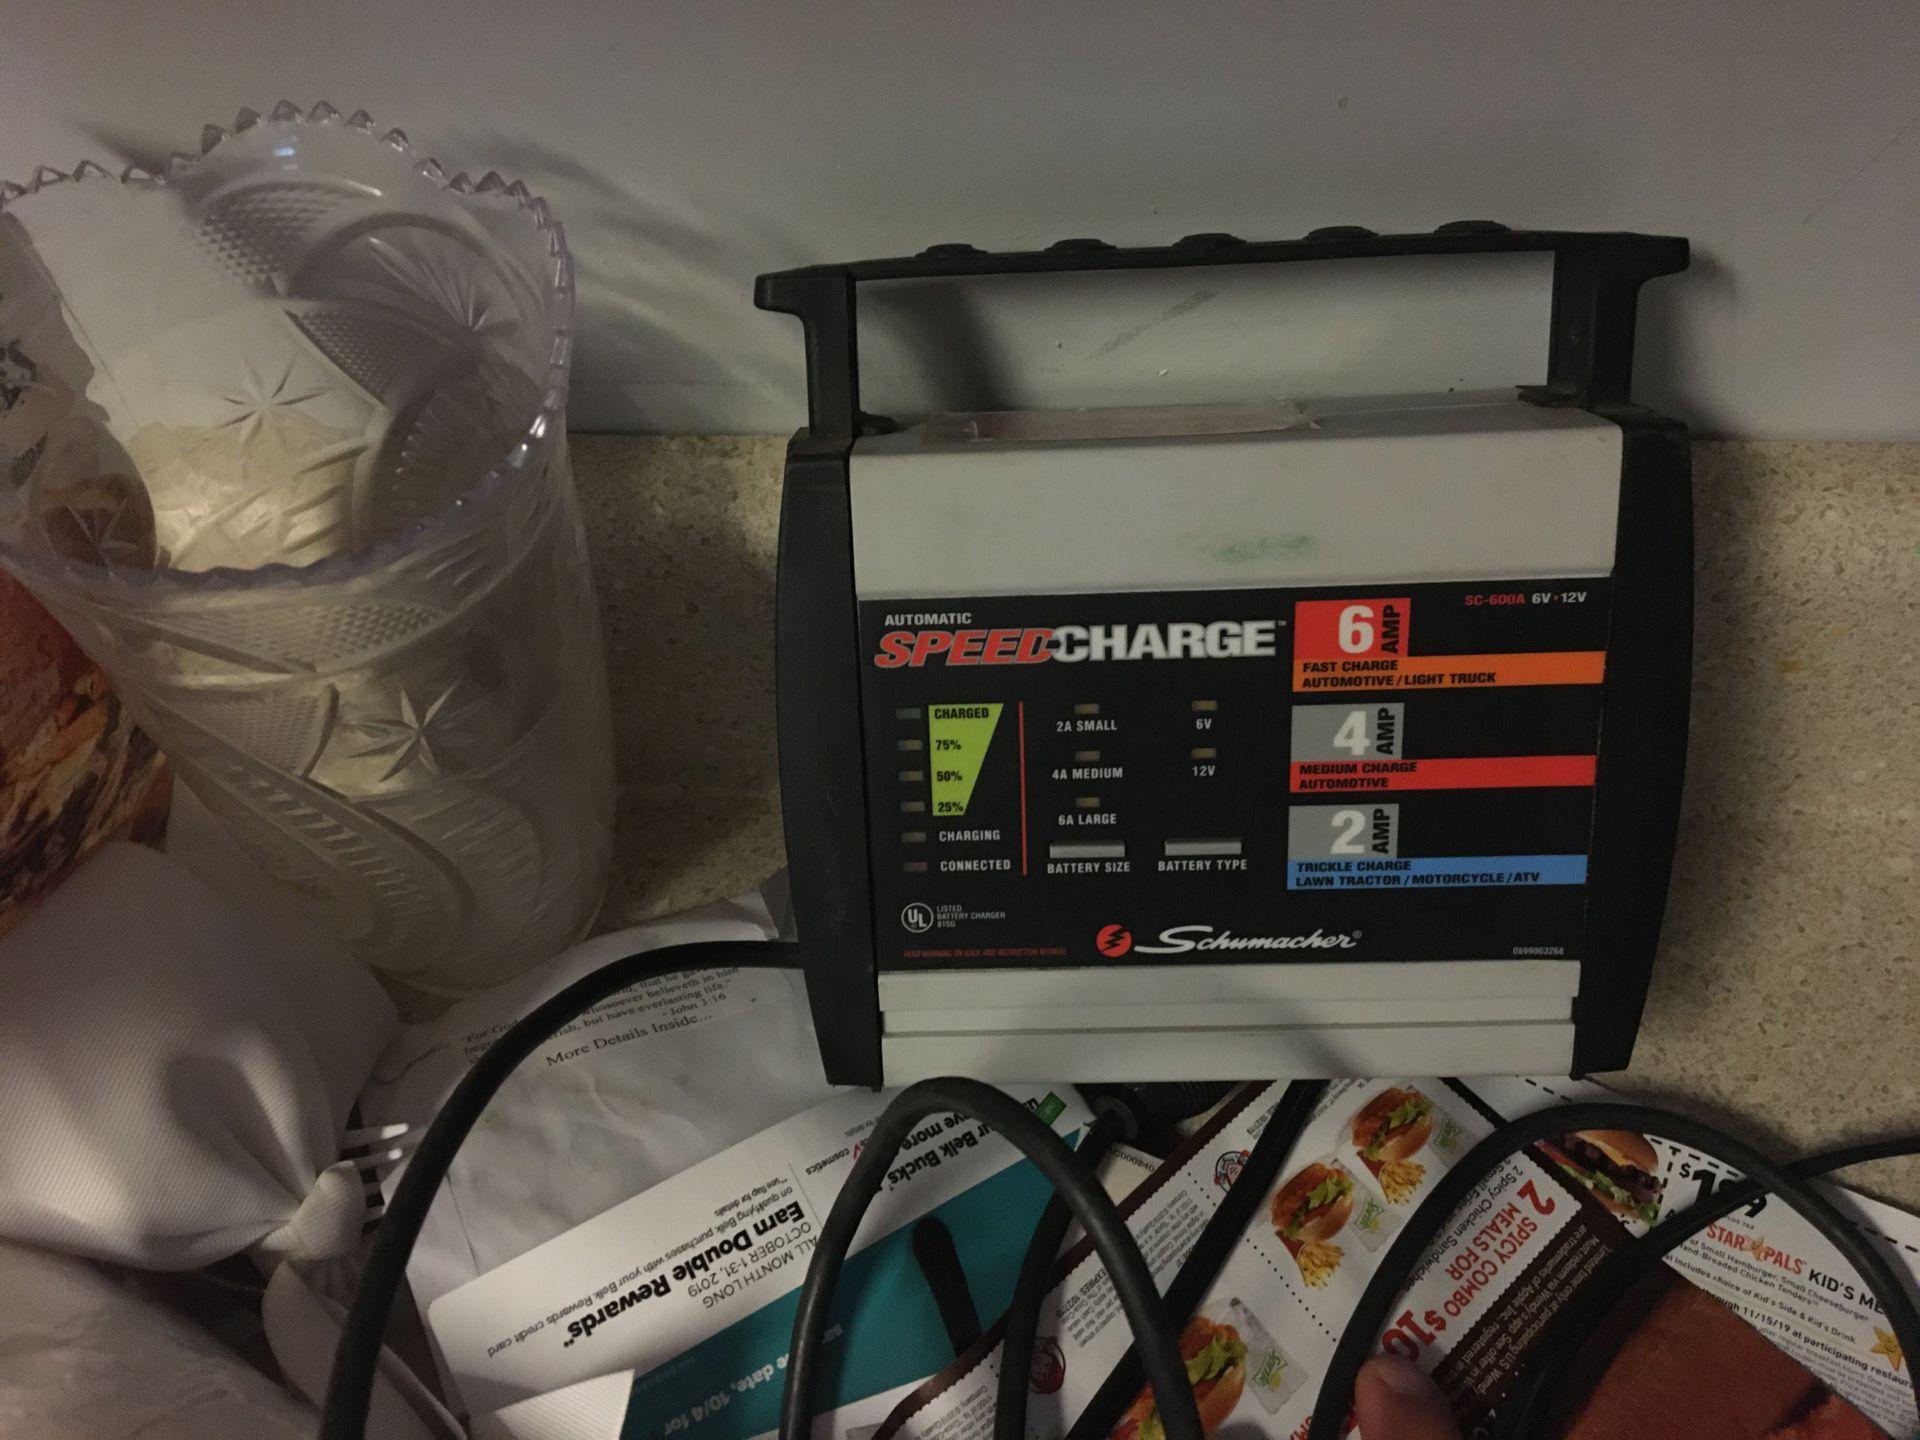 Audio maximum speed charge